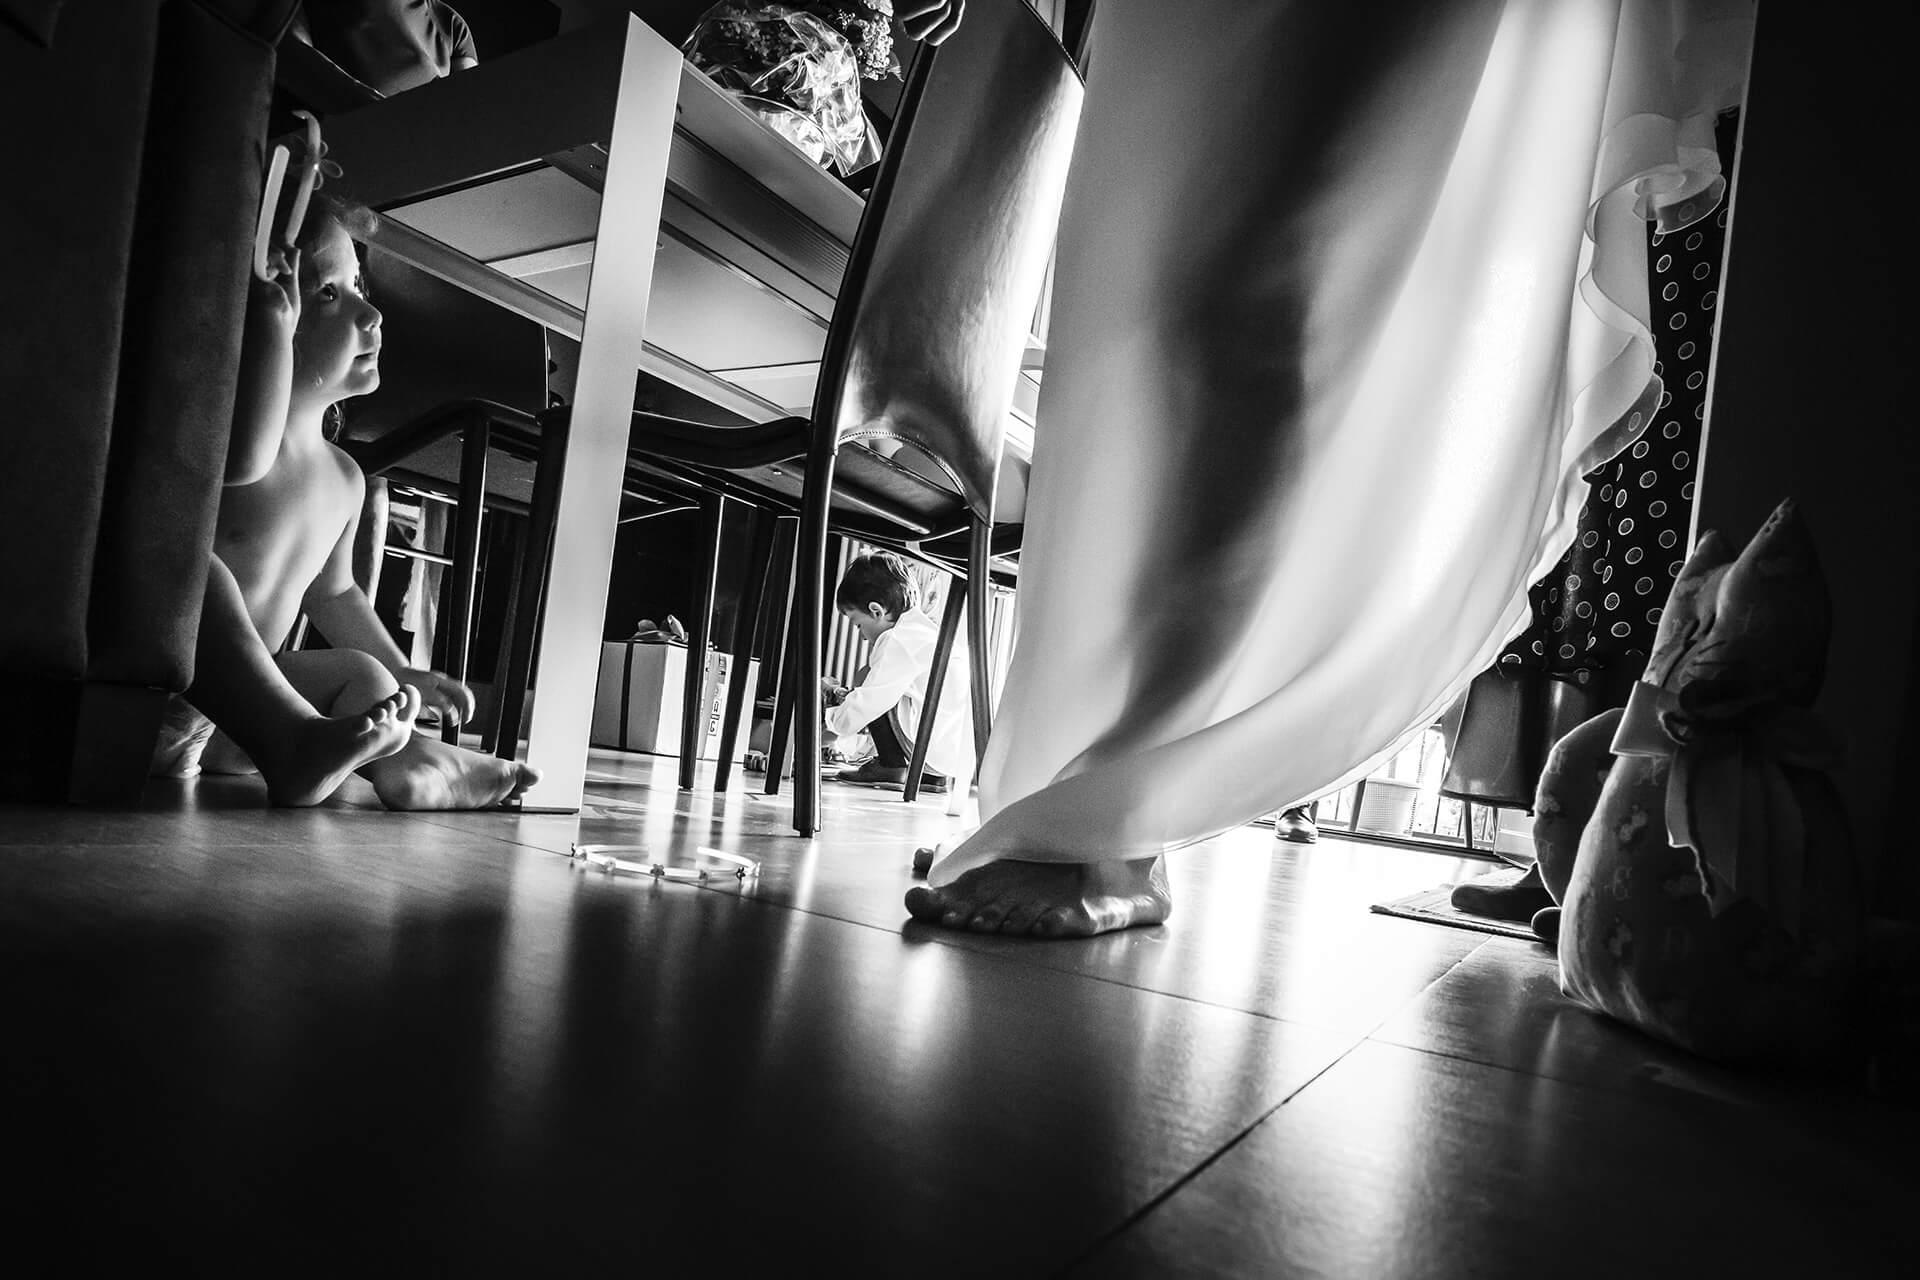 preparazione sposa matrimonio bimba abito alain battiloro fotografo